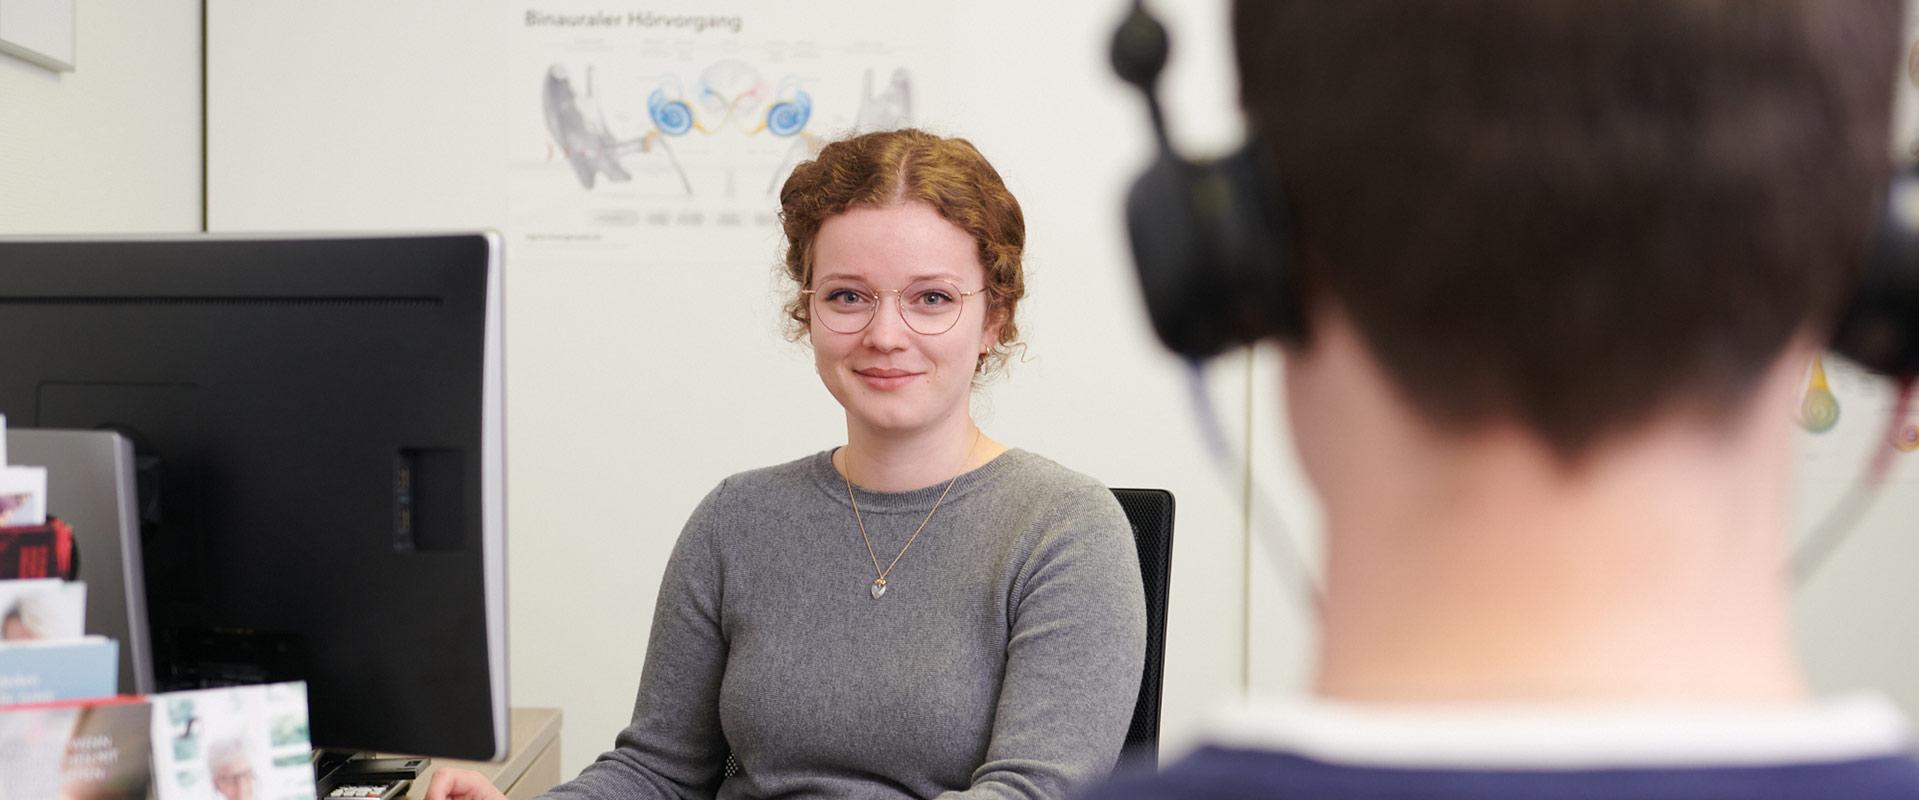 Unsere Hörsysteme eröffnen Ihnen neue Hörwelten